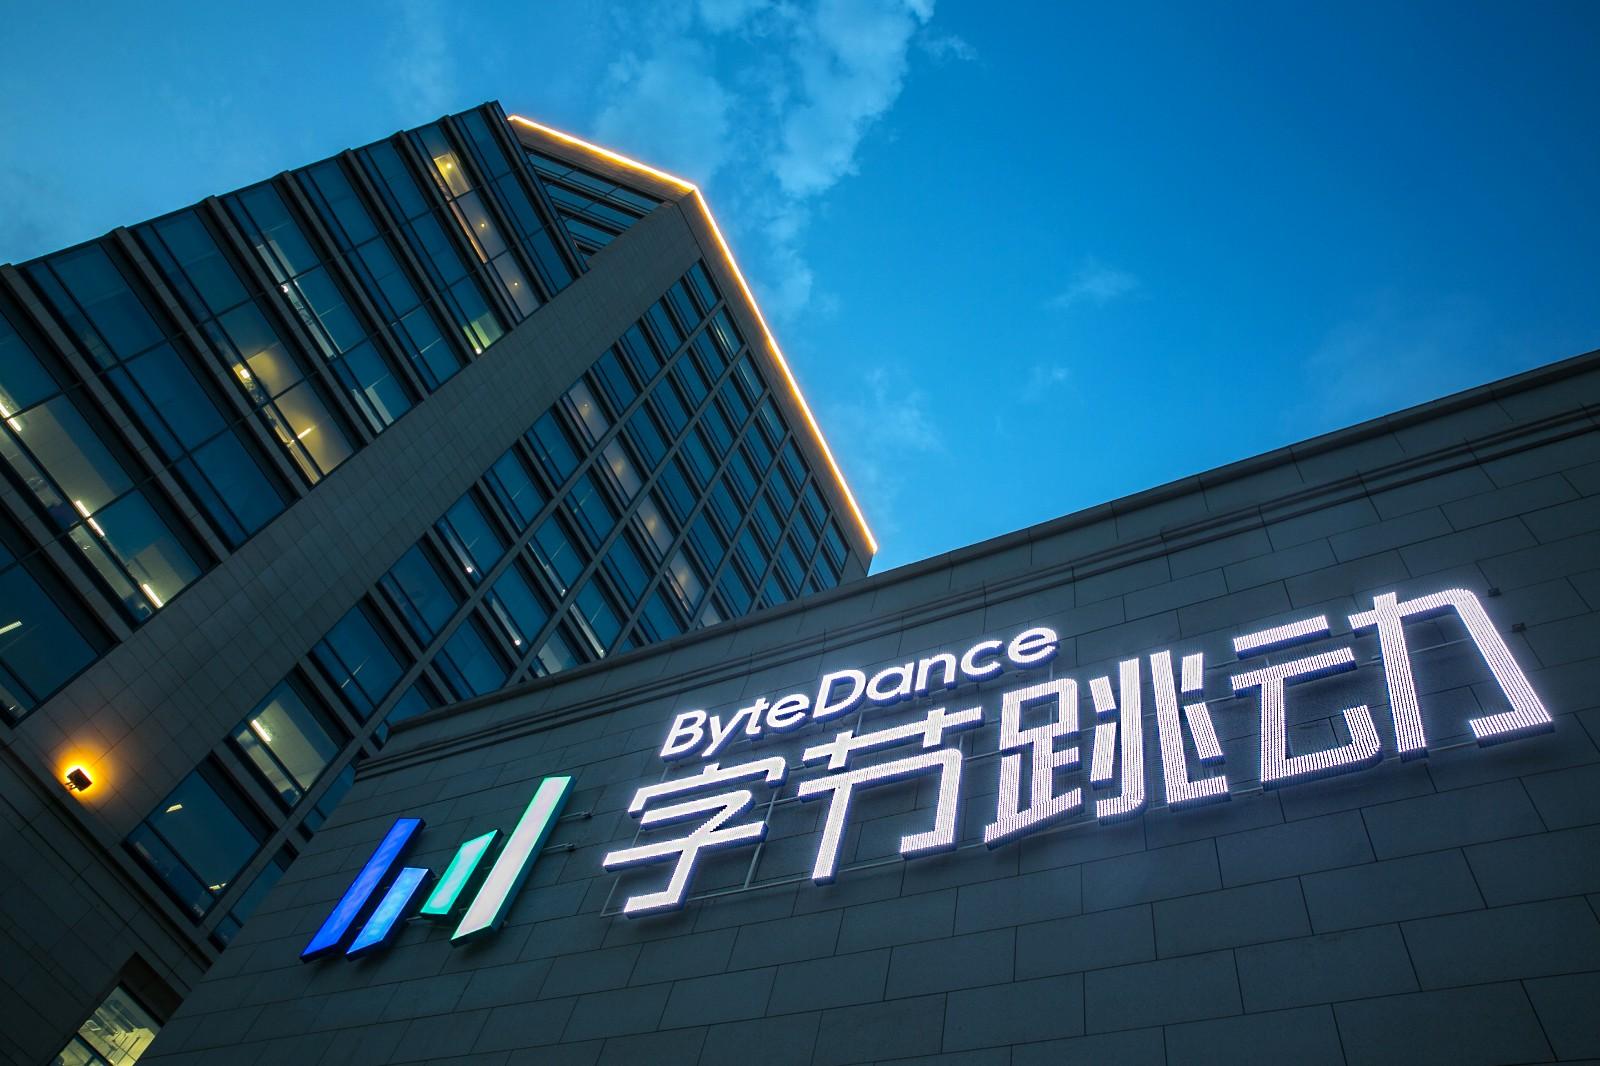 byte dance